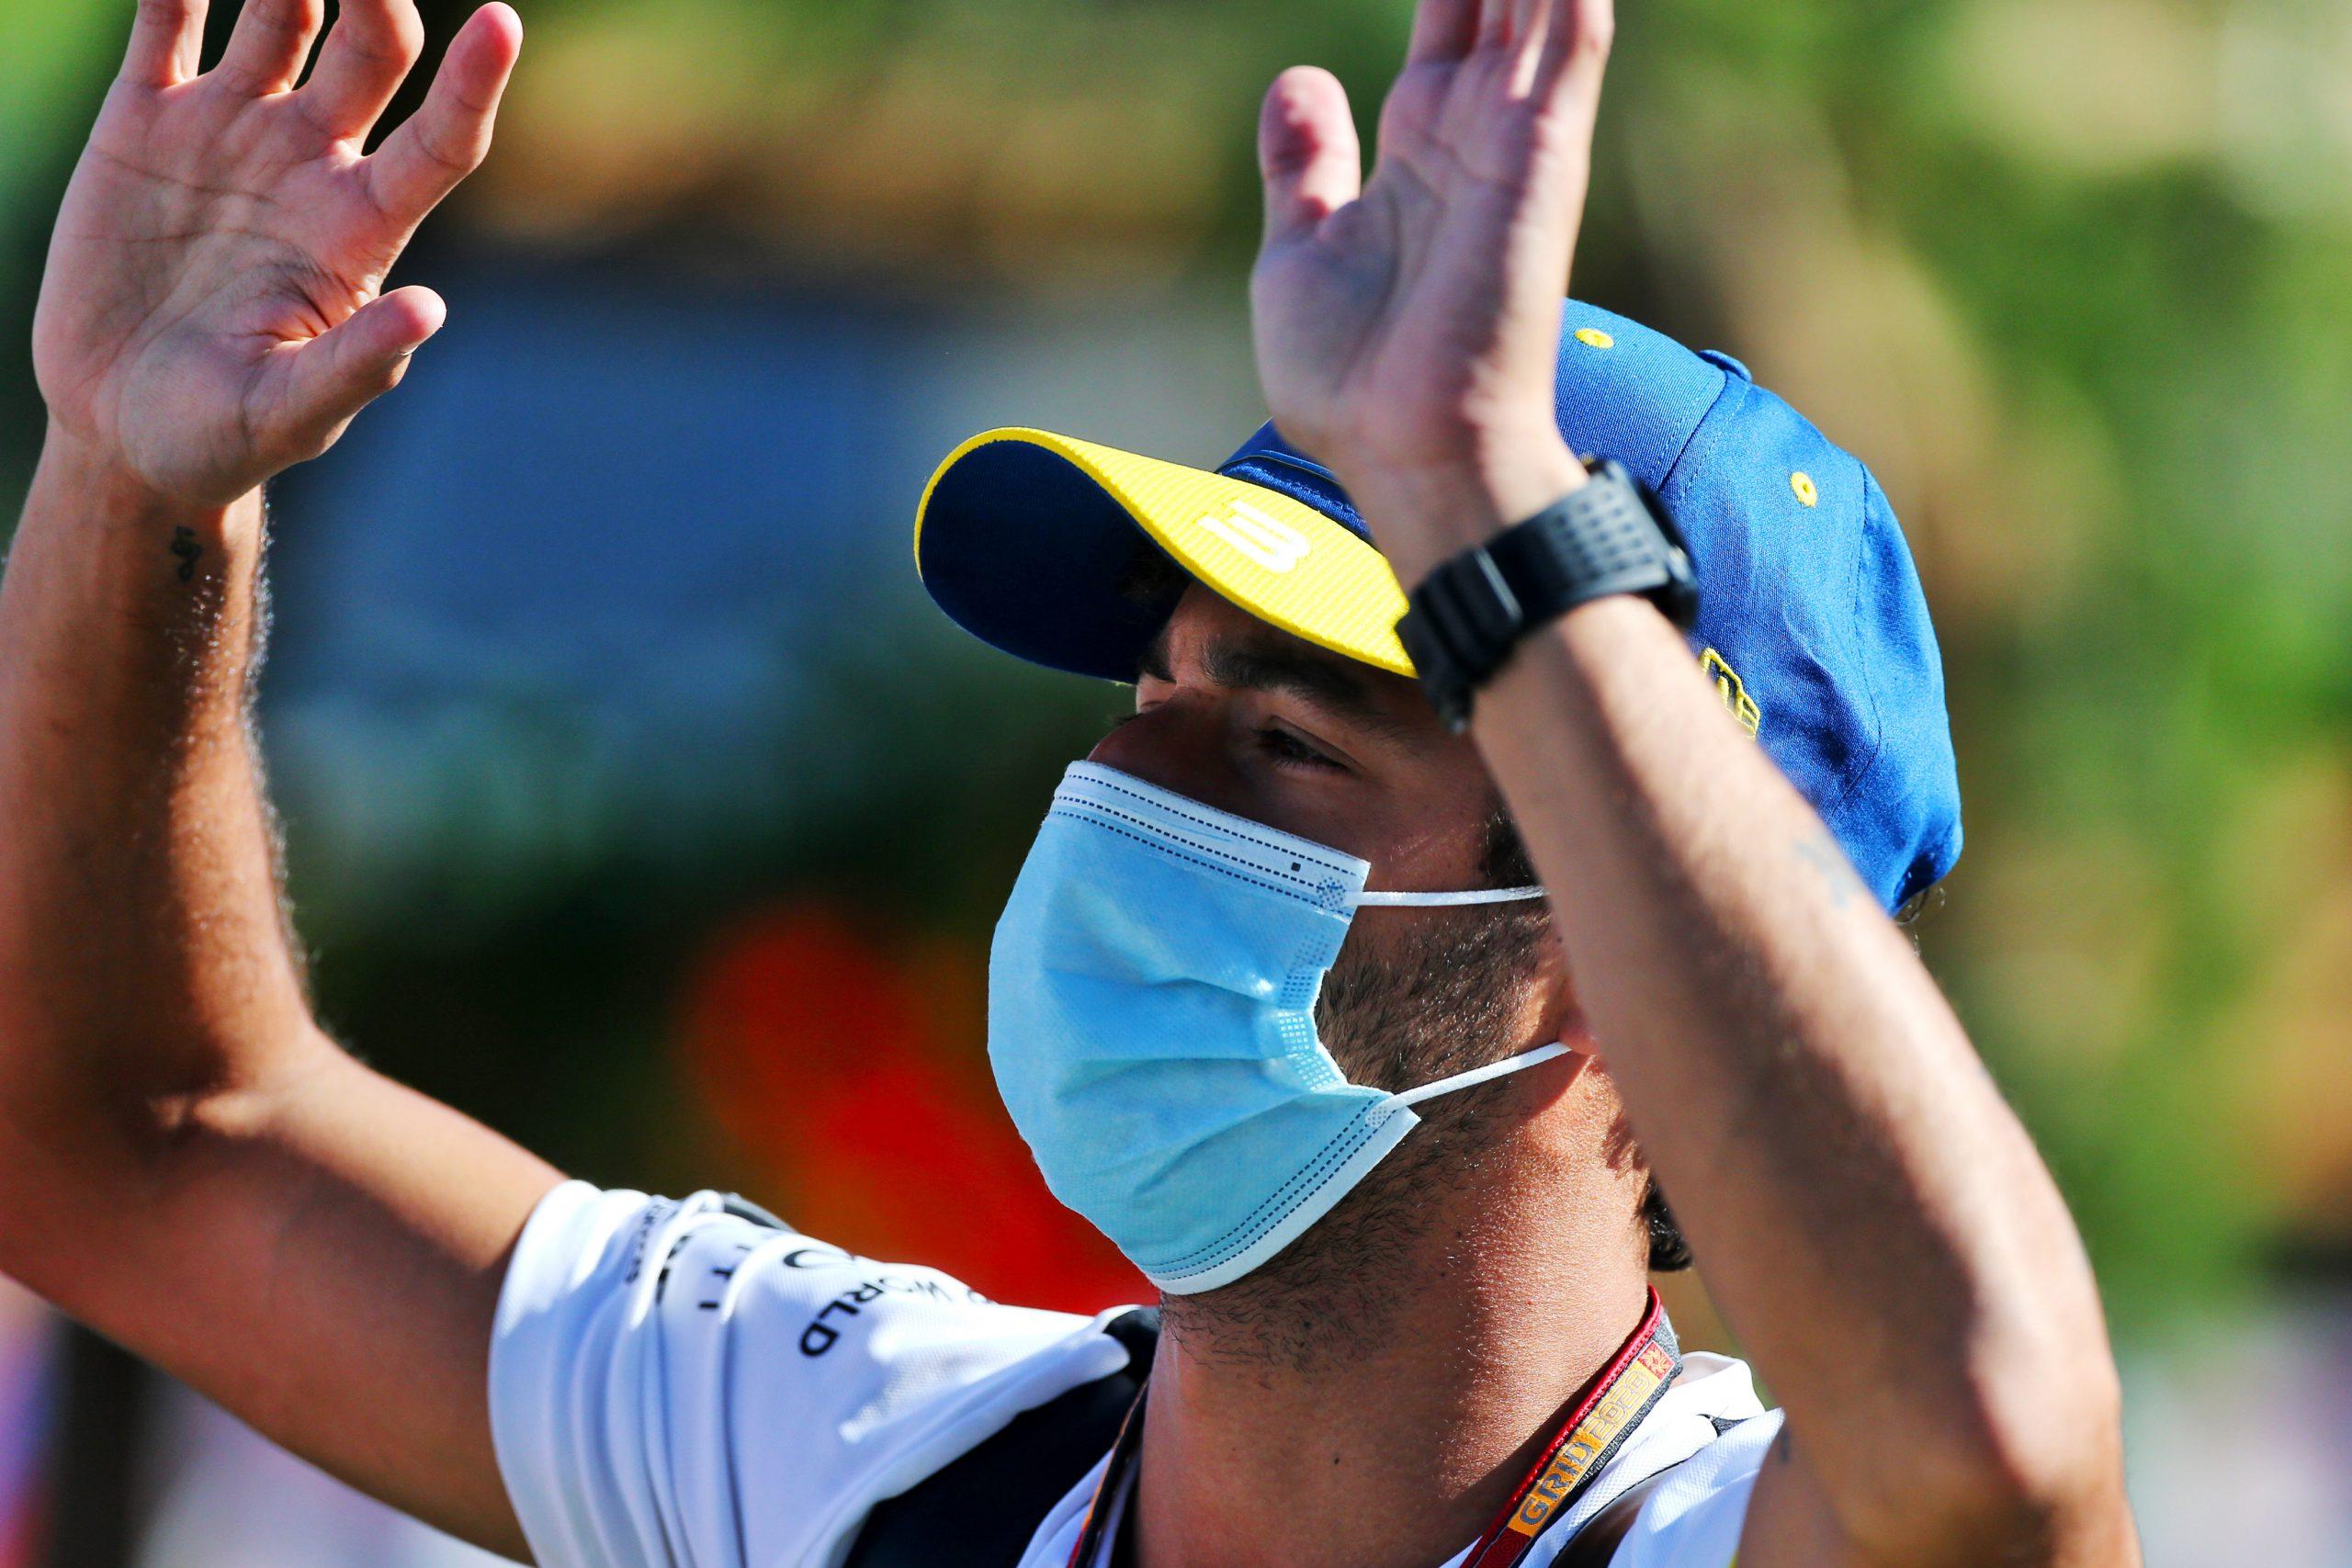 F1 - Une douleur au genou et quelques ecchymoses pour Ricciardo après son crash